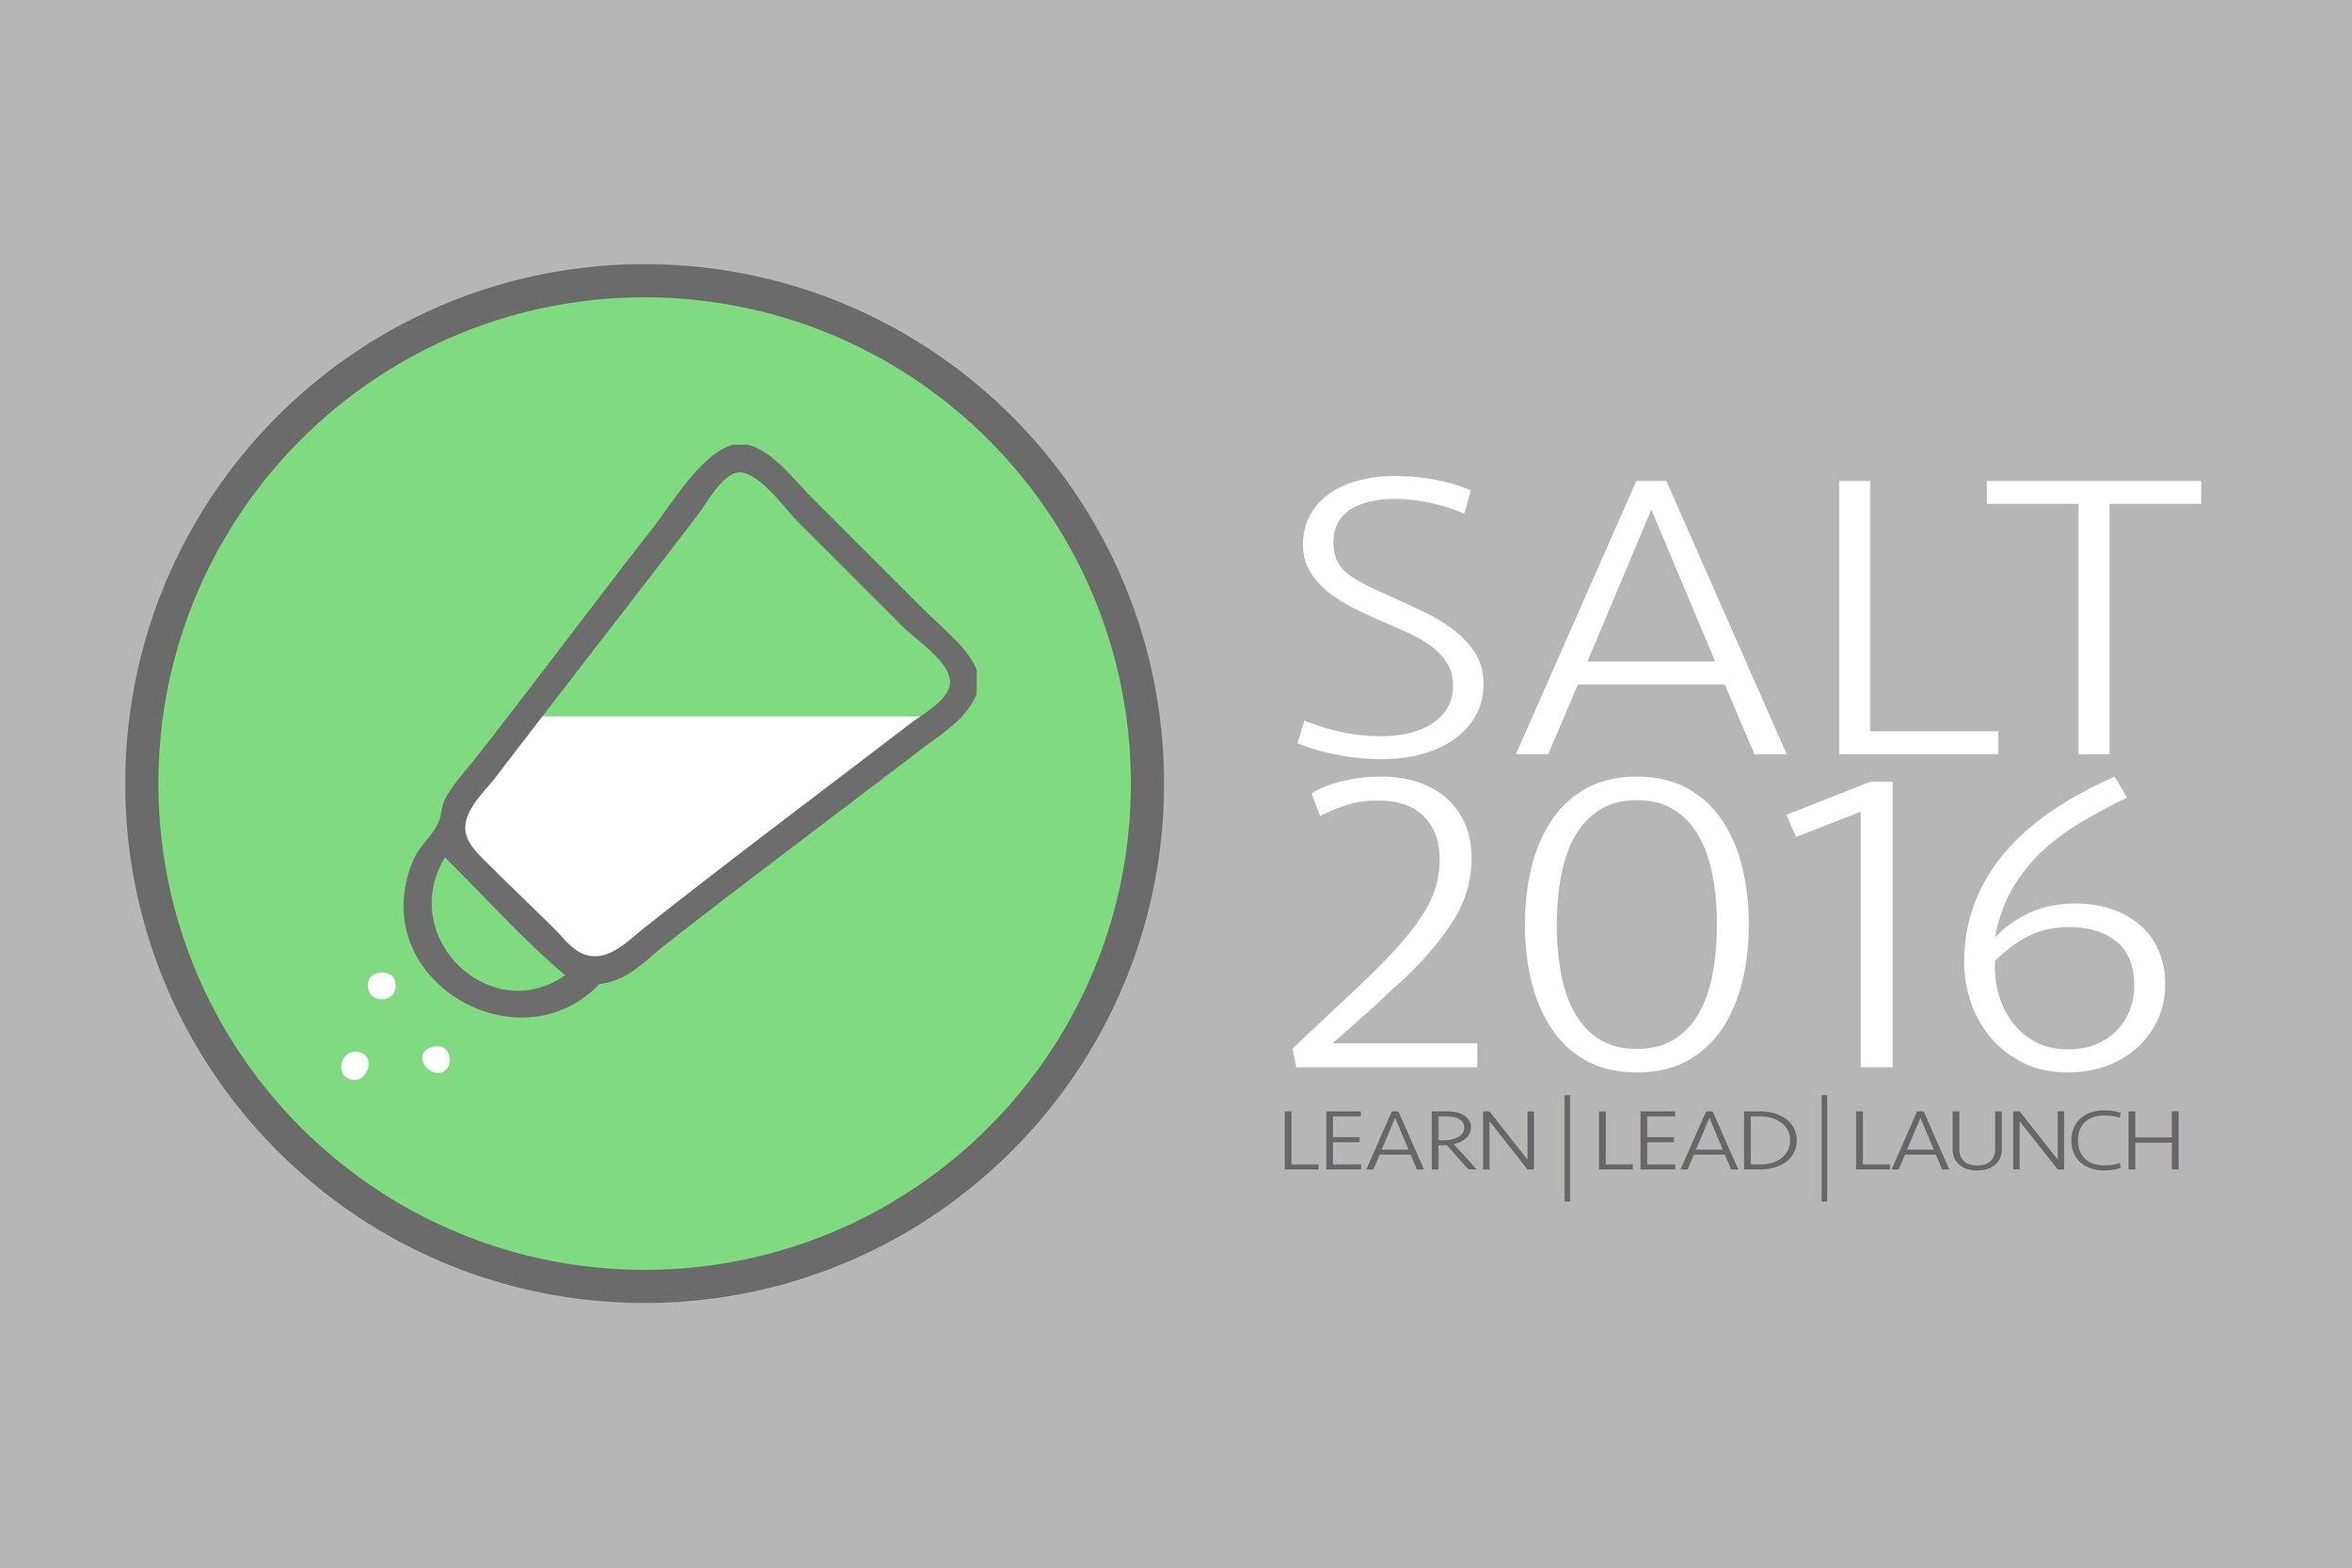 SALT 2016 Flyer